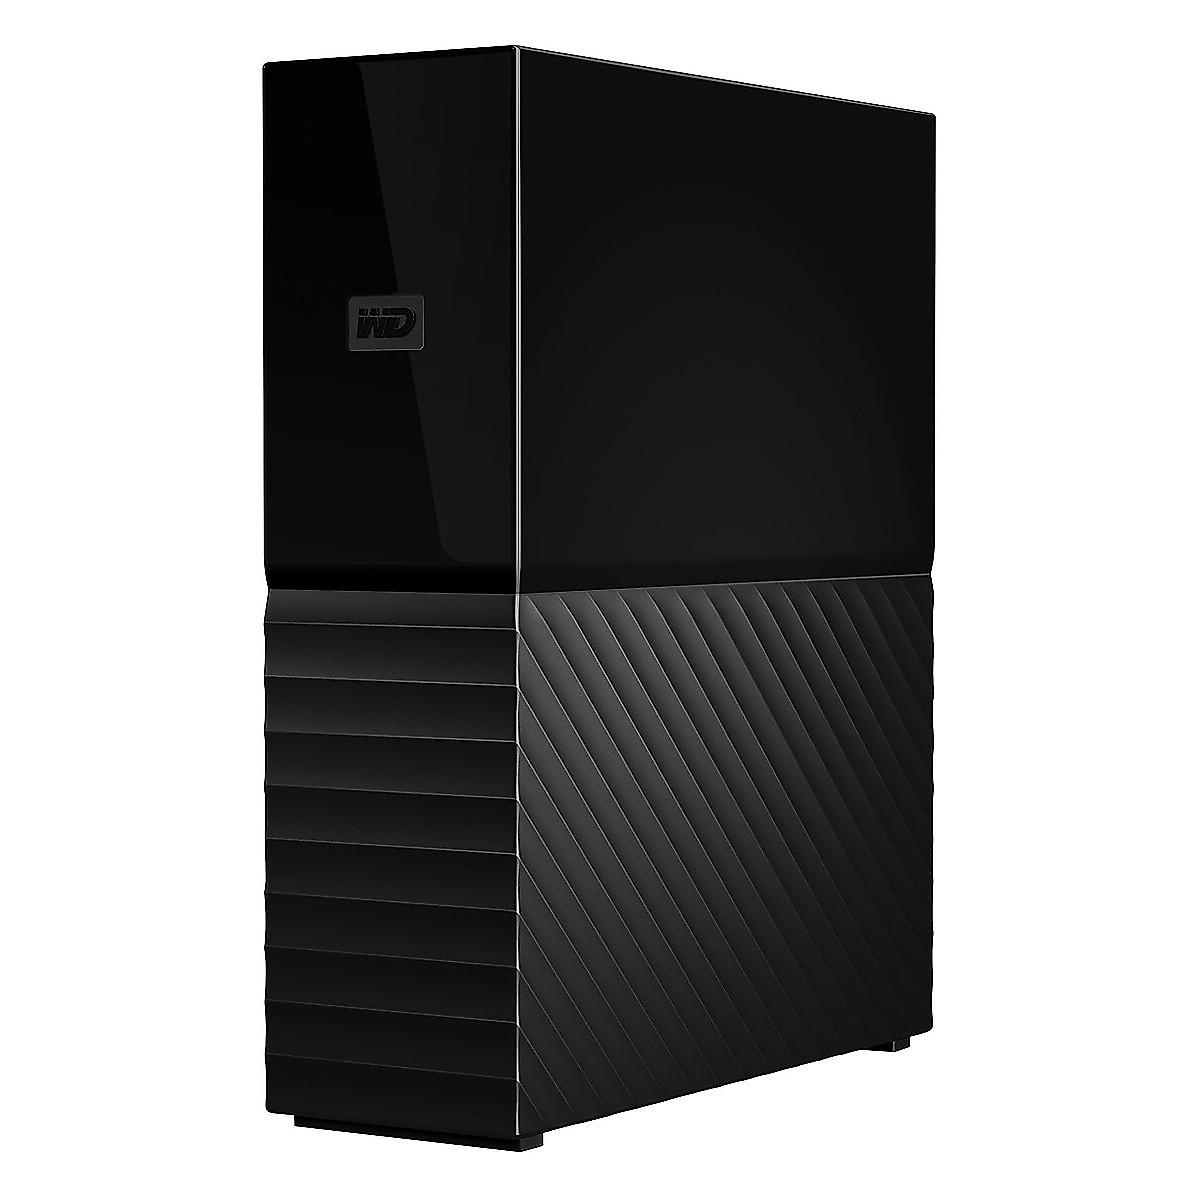 Ổ Cứng Di Động WD My Book 10TB 3.5 USB 3.0 – Hàng Nhập Khẩu